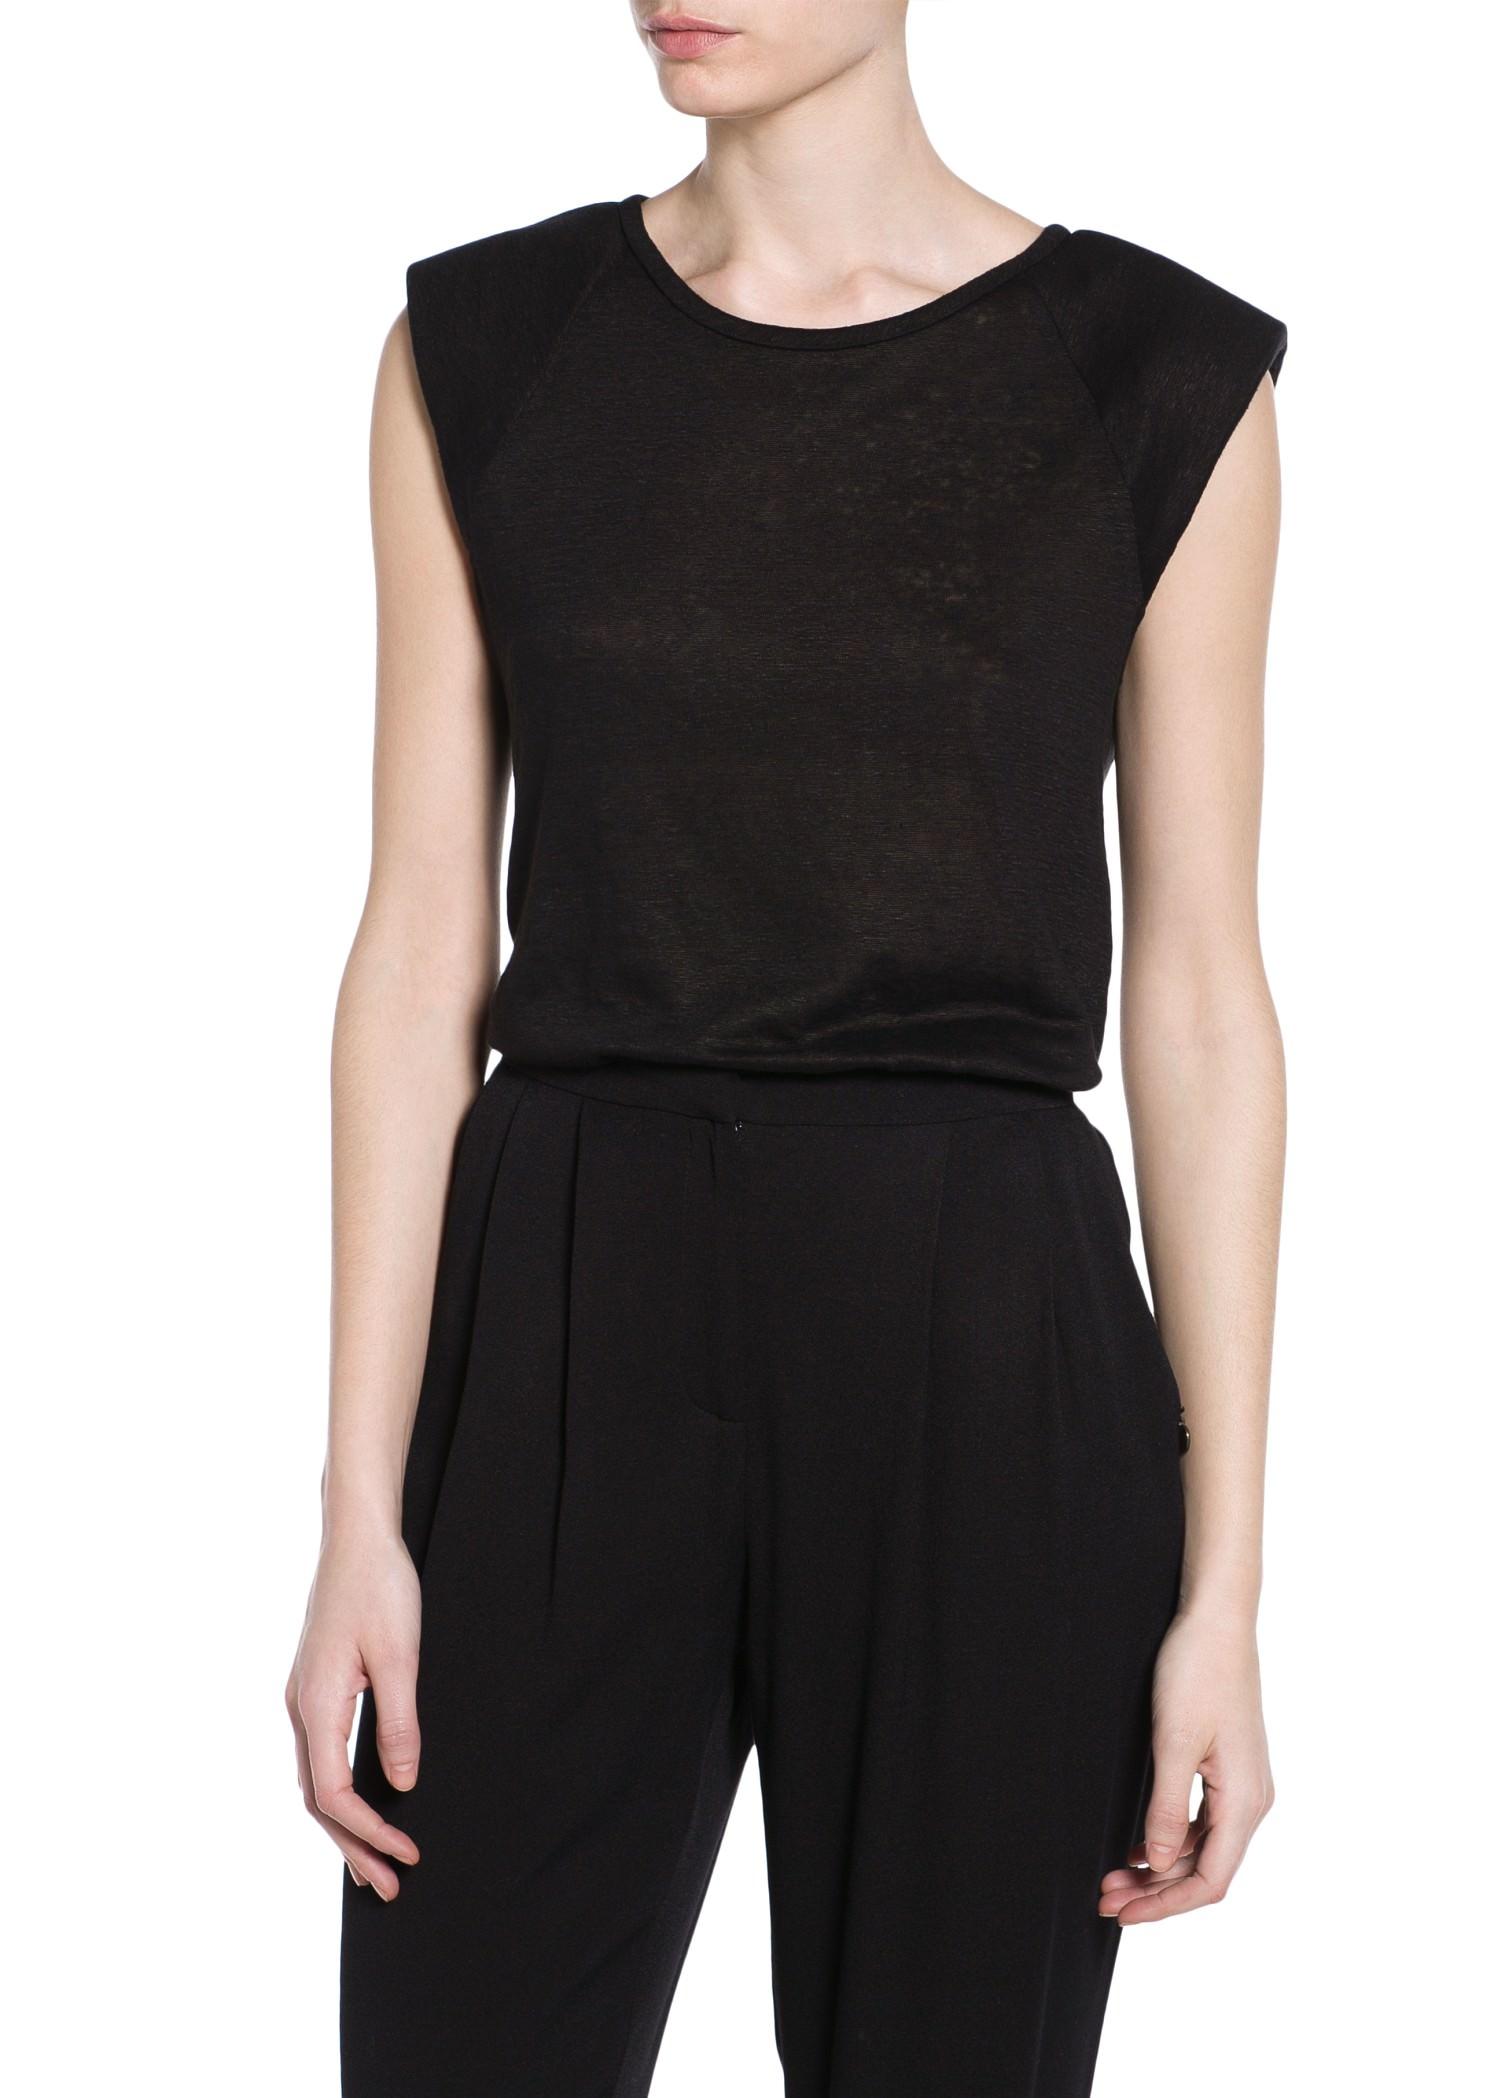 Leinen-t-shirt mit polstern - T-shirts und oberteile für Damen | MANGO